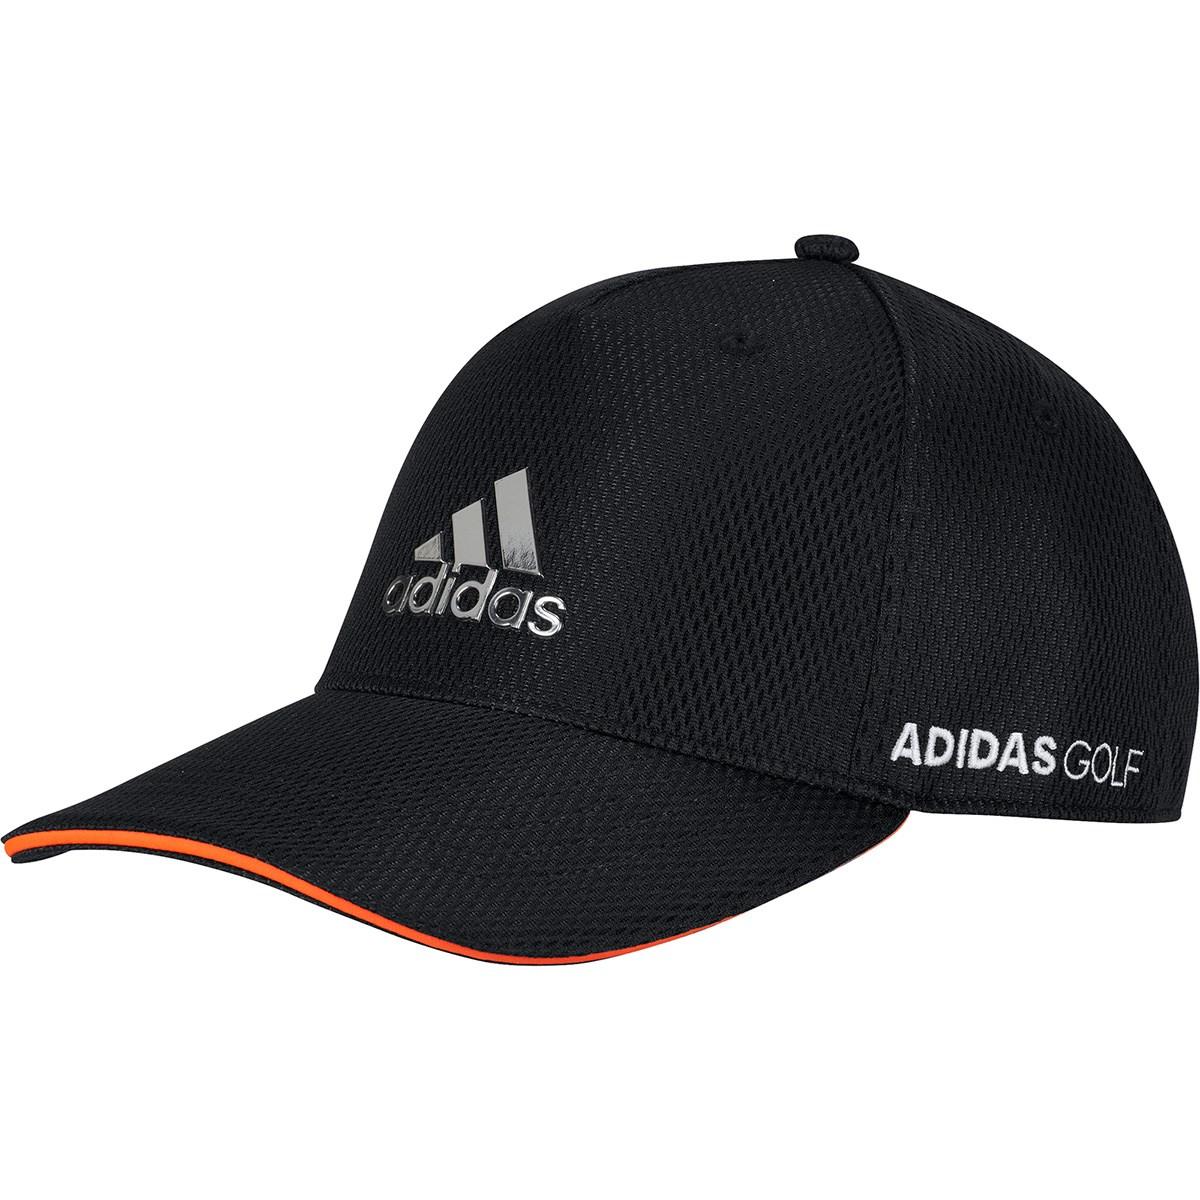 アディダス(adidas) ツアーメタリックロゴ キャップ